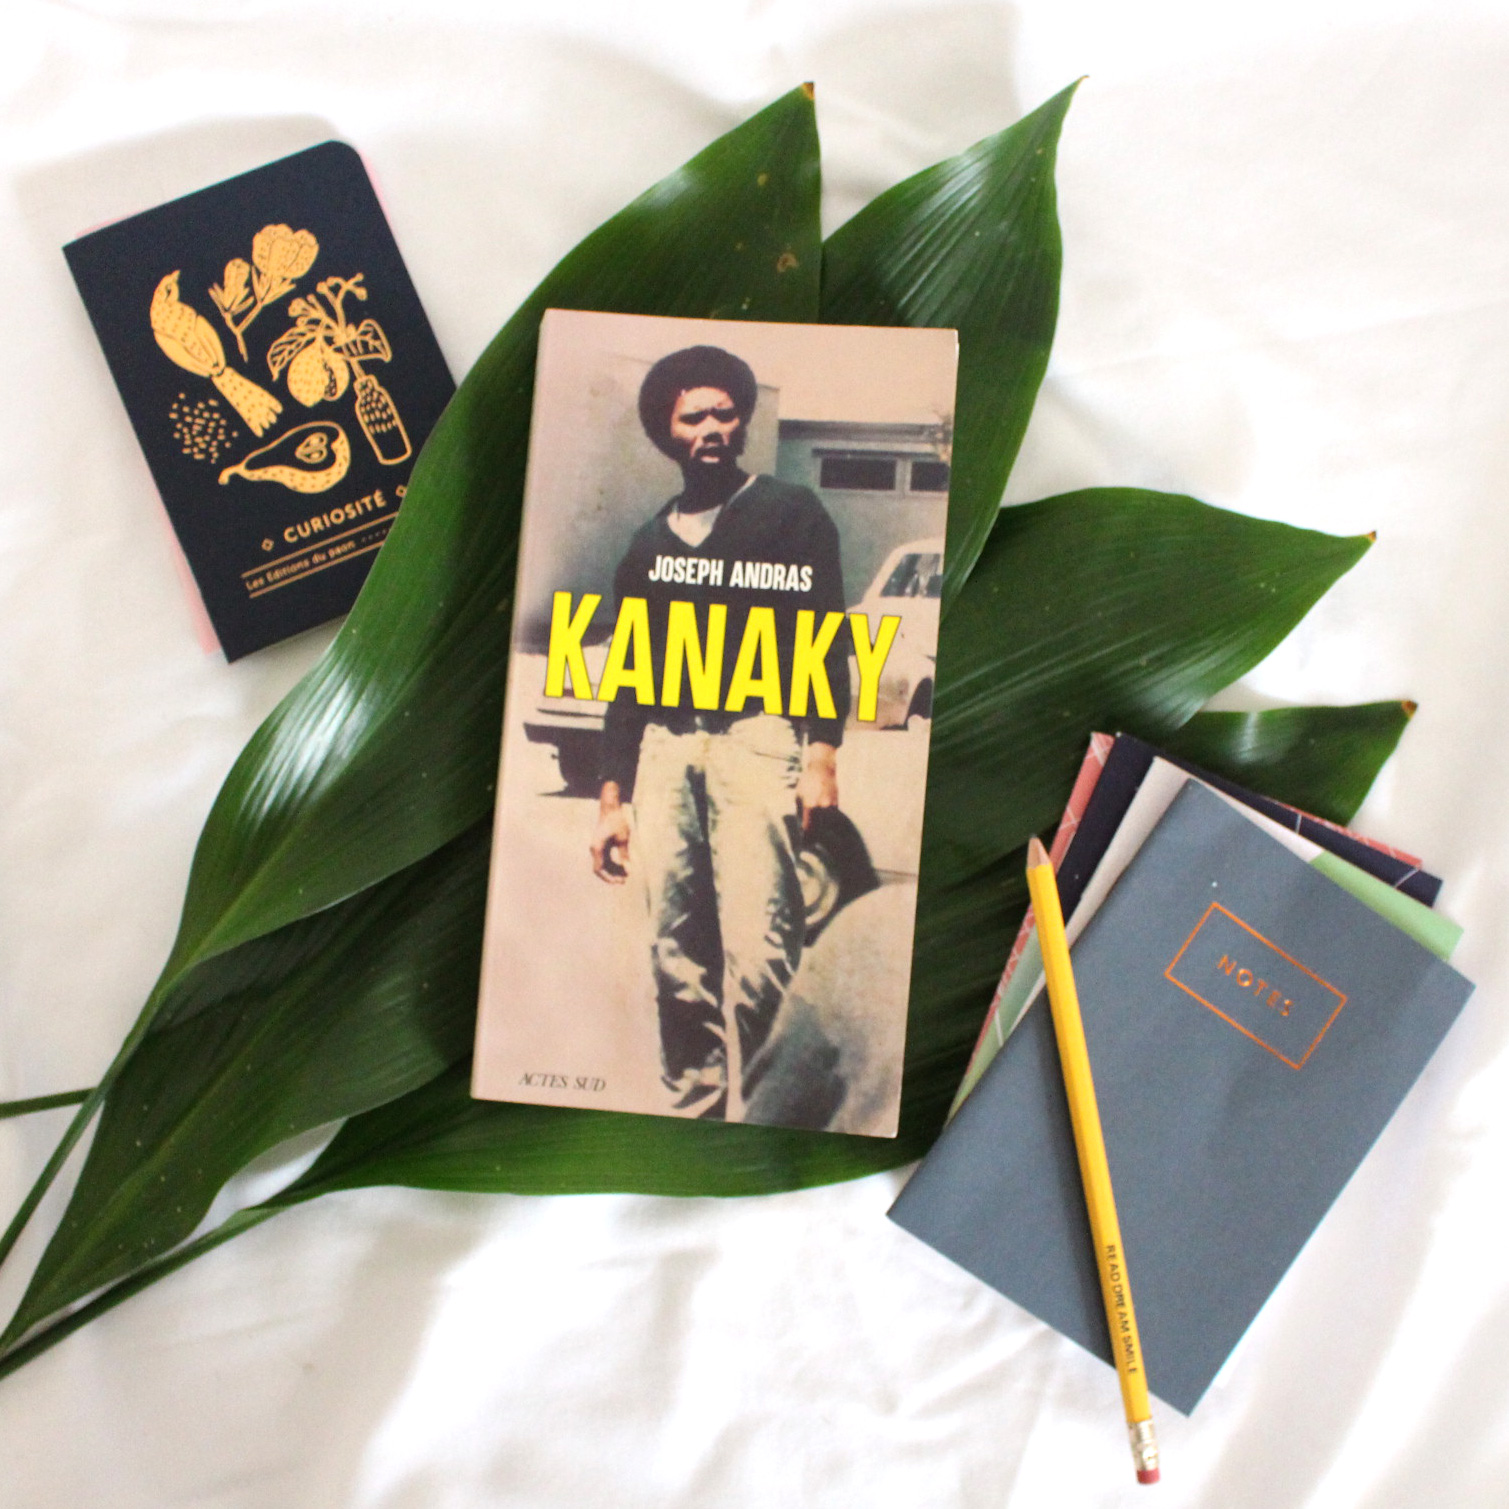 Kanaky, Joseph Andras, Editions Actes Sud